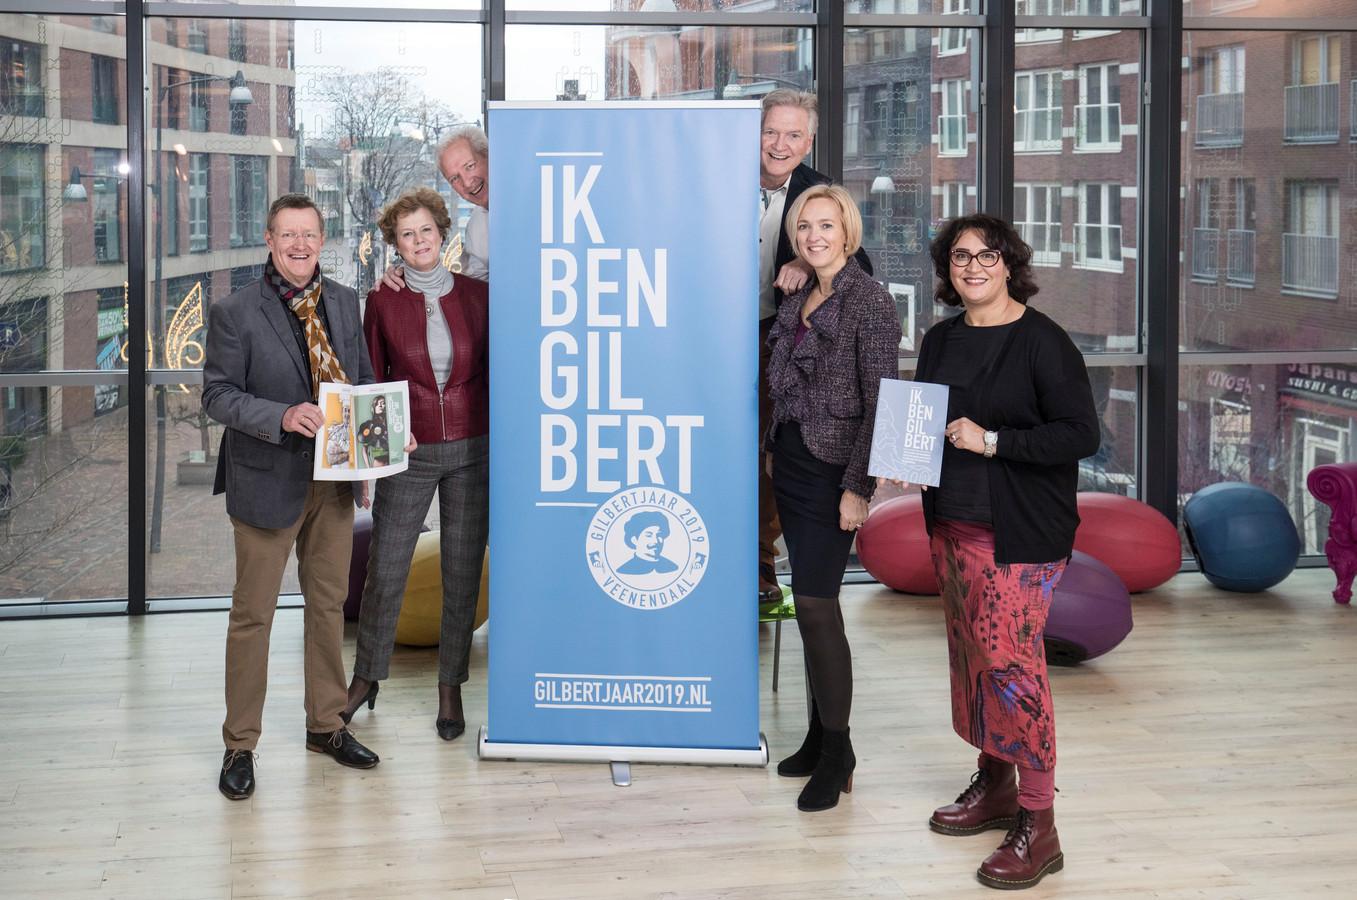 Bestuursleden van stichting Gilbert van Schoonbeke.